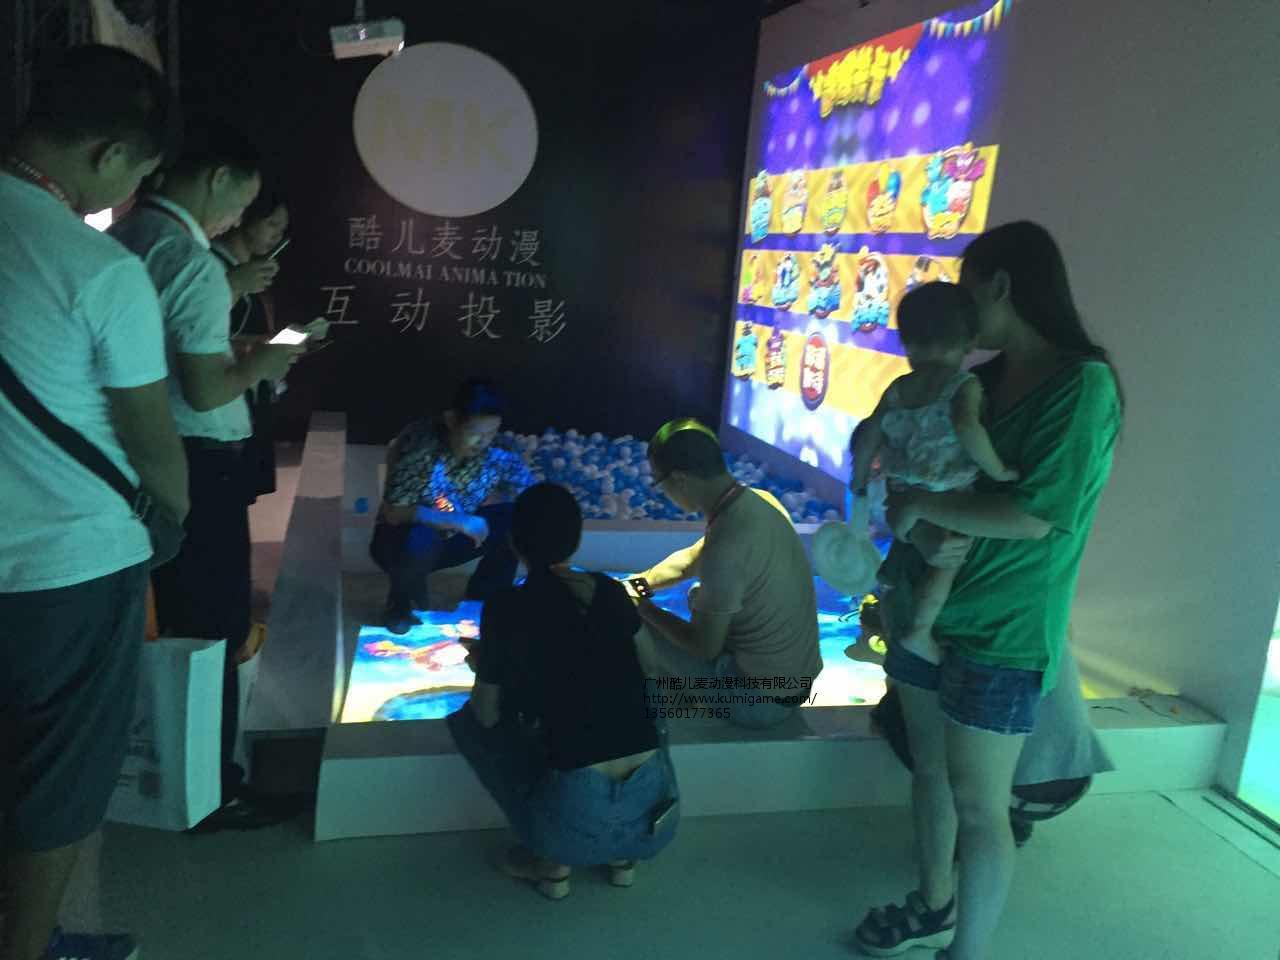 要買質量超好的投影互動沙灘,當選廣州酷兒麥動漫科技-魔幻沙灘